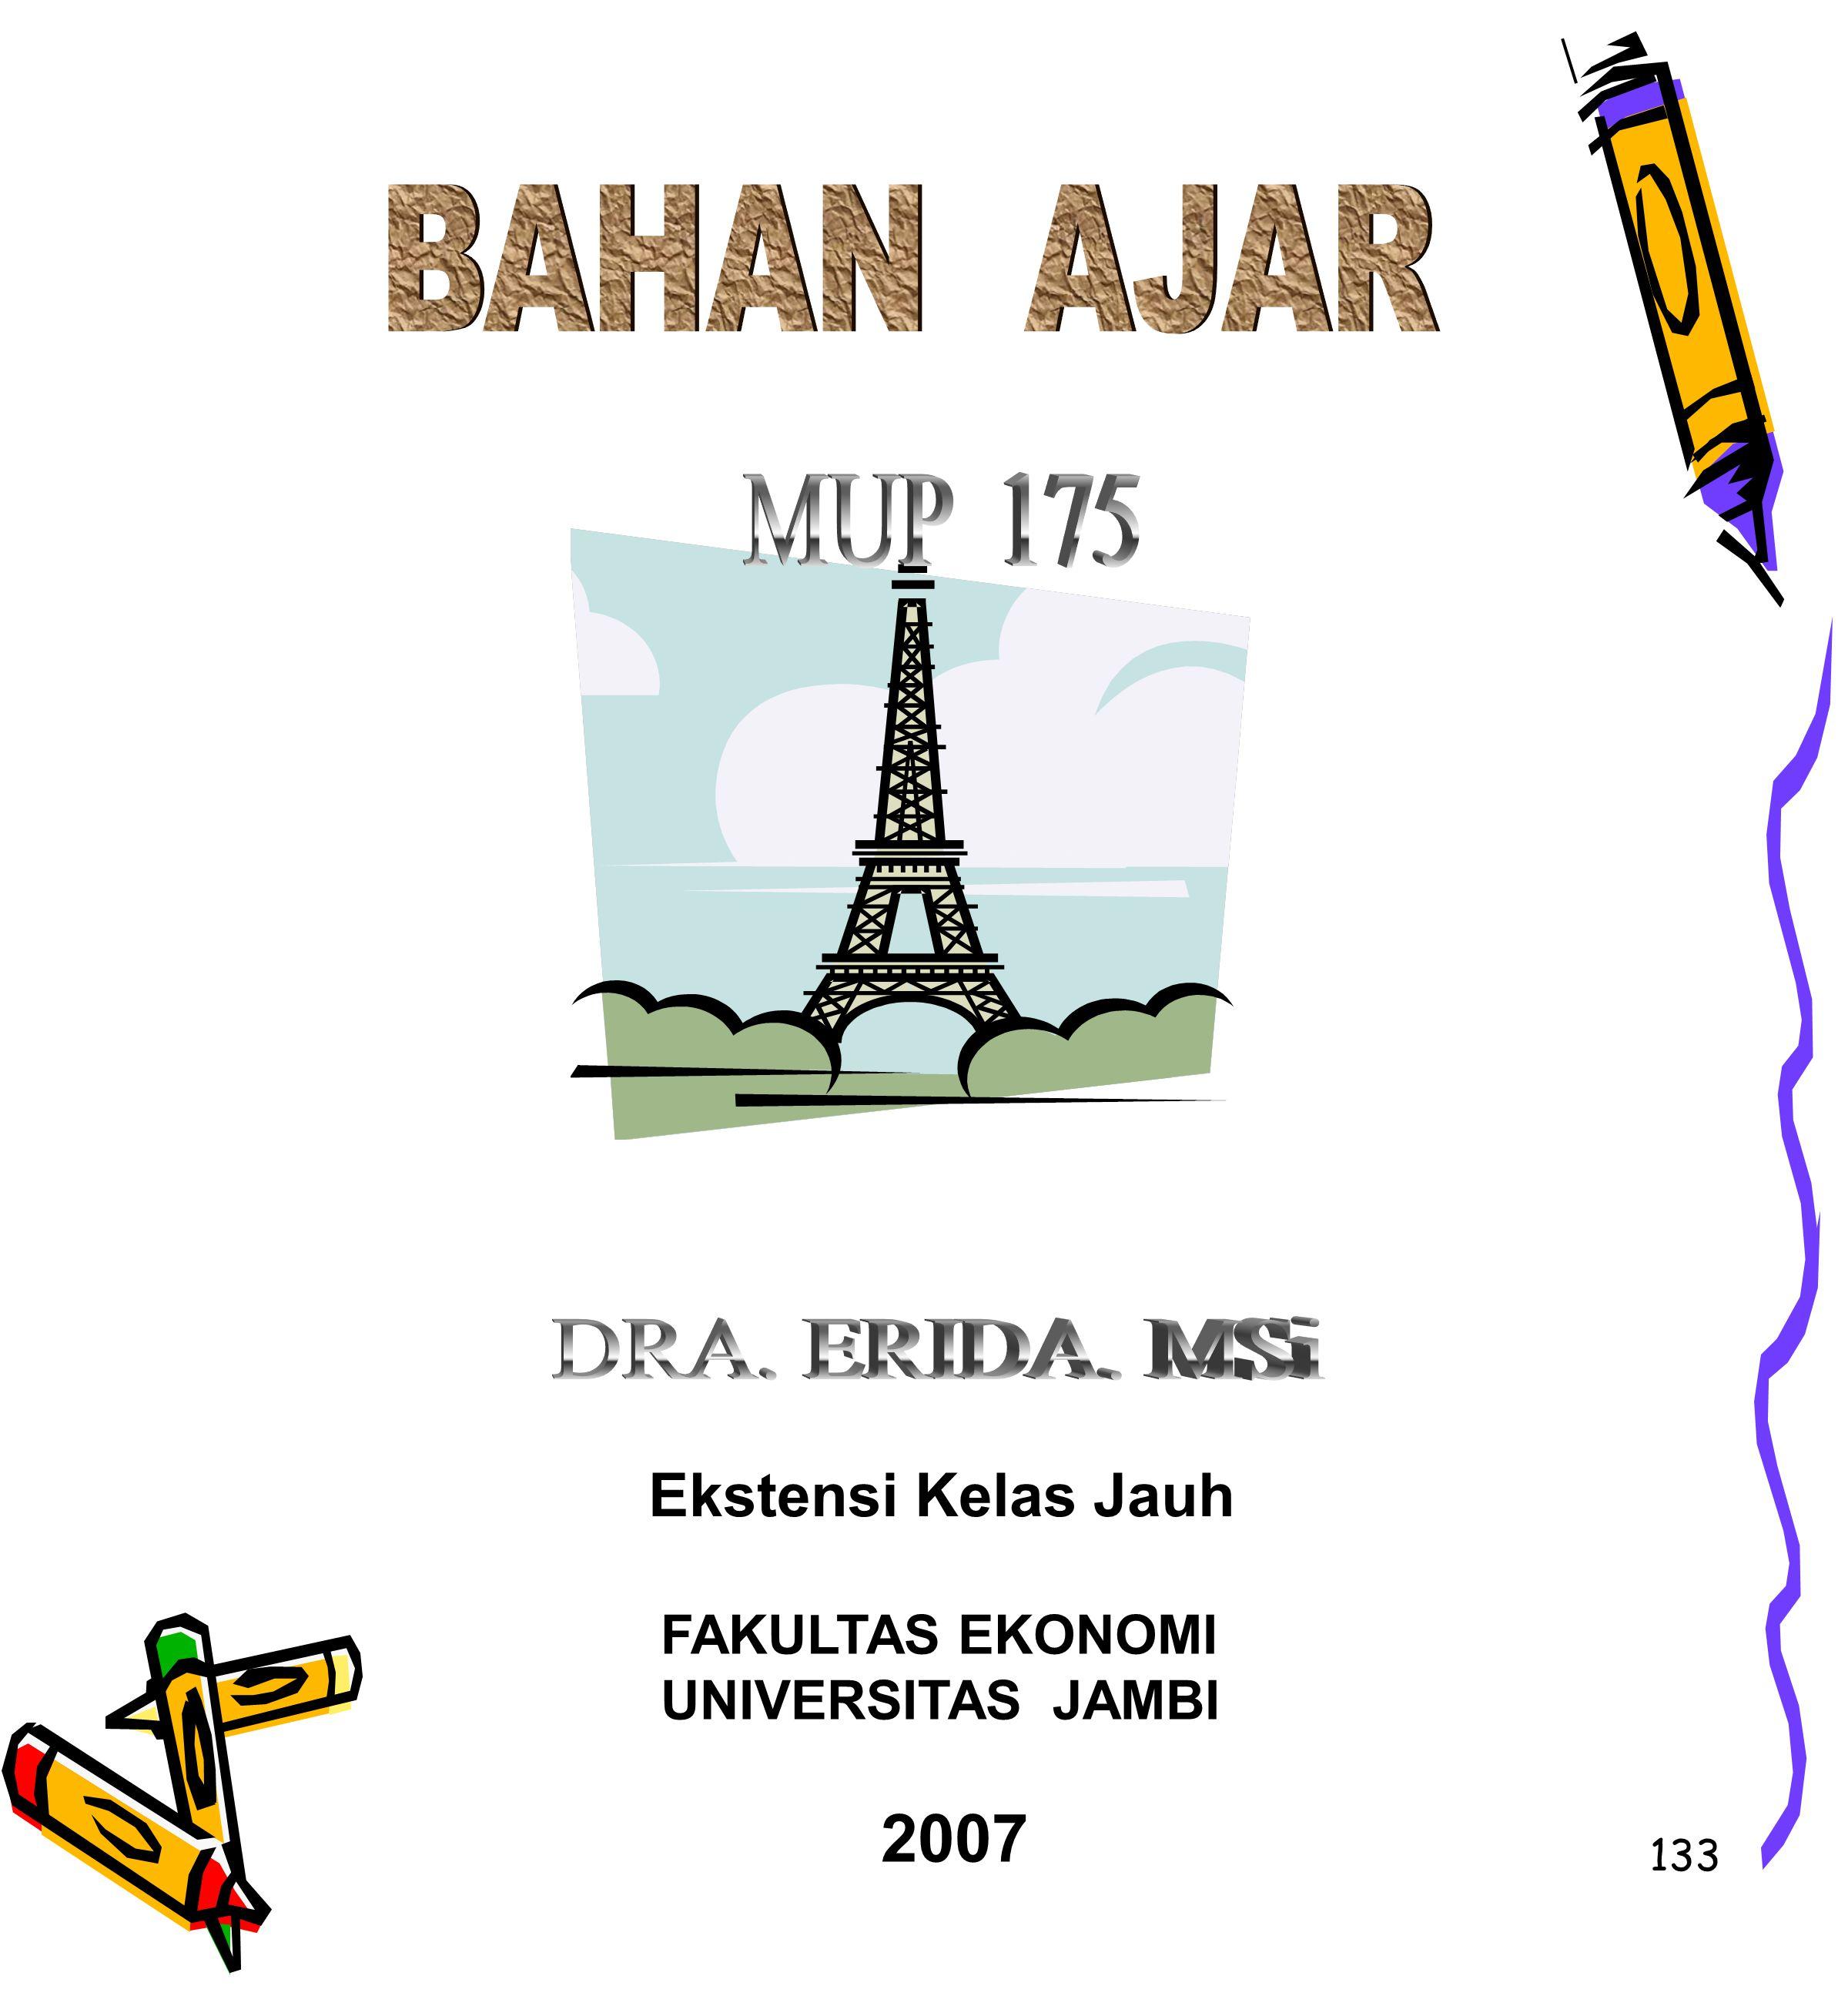 2007 Ekstensi Kelas Jauh FAKULTAS EKONOMI UNIVERSITAS JAMBI BAHAN AJAR